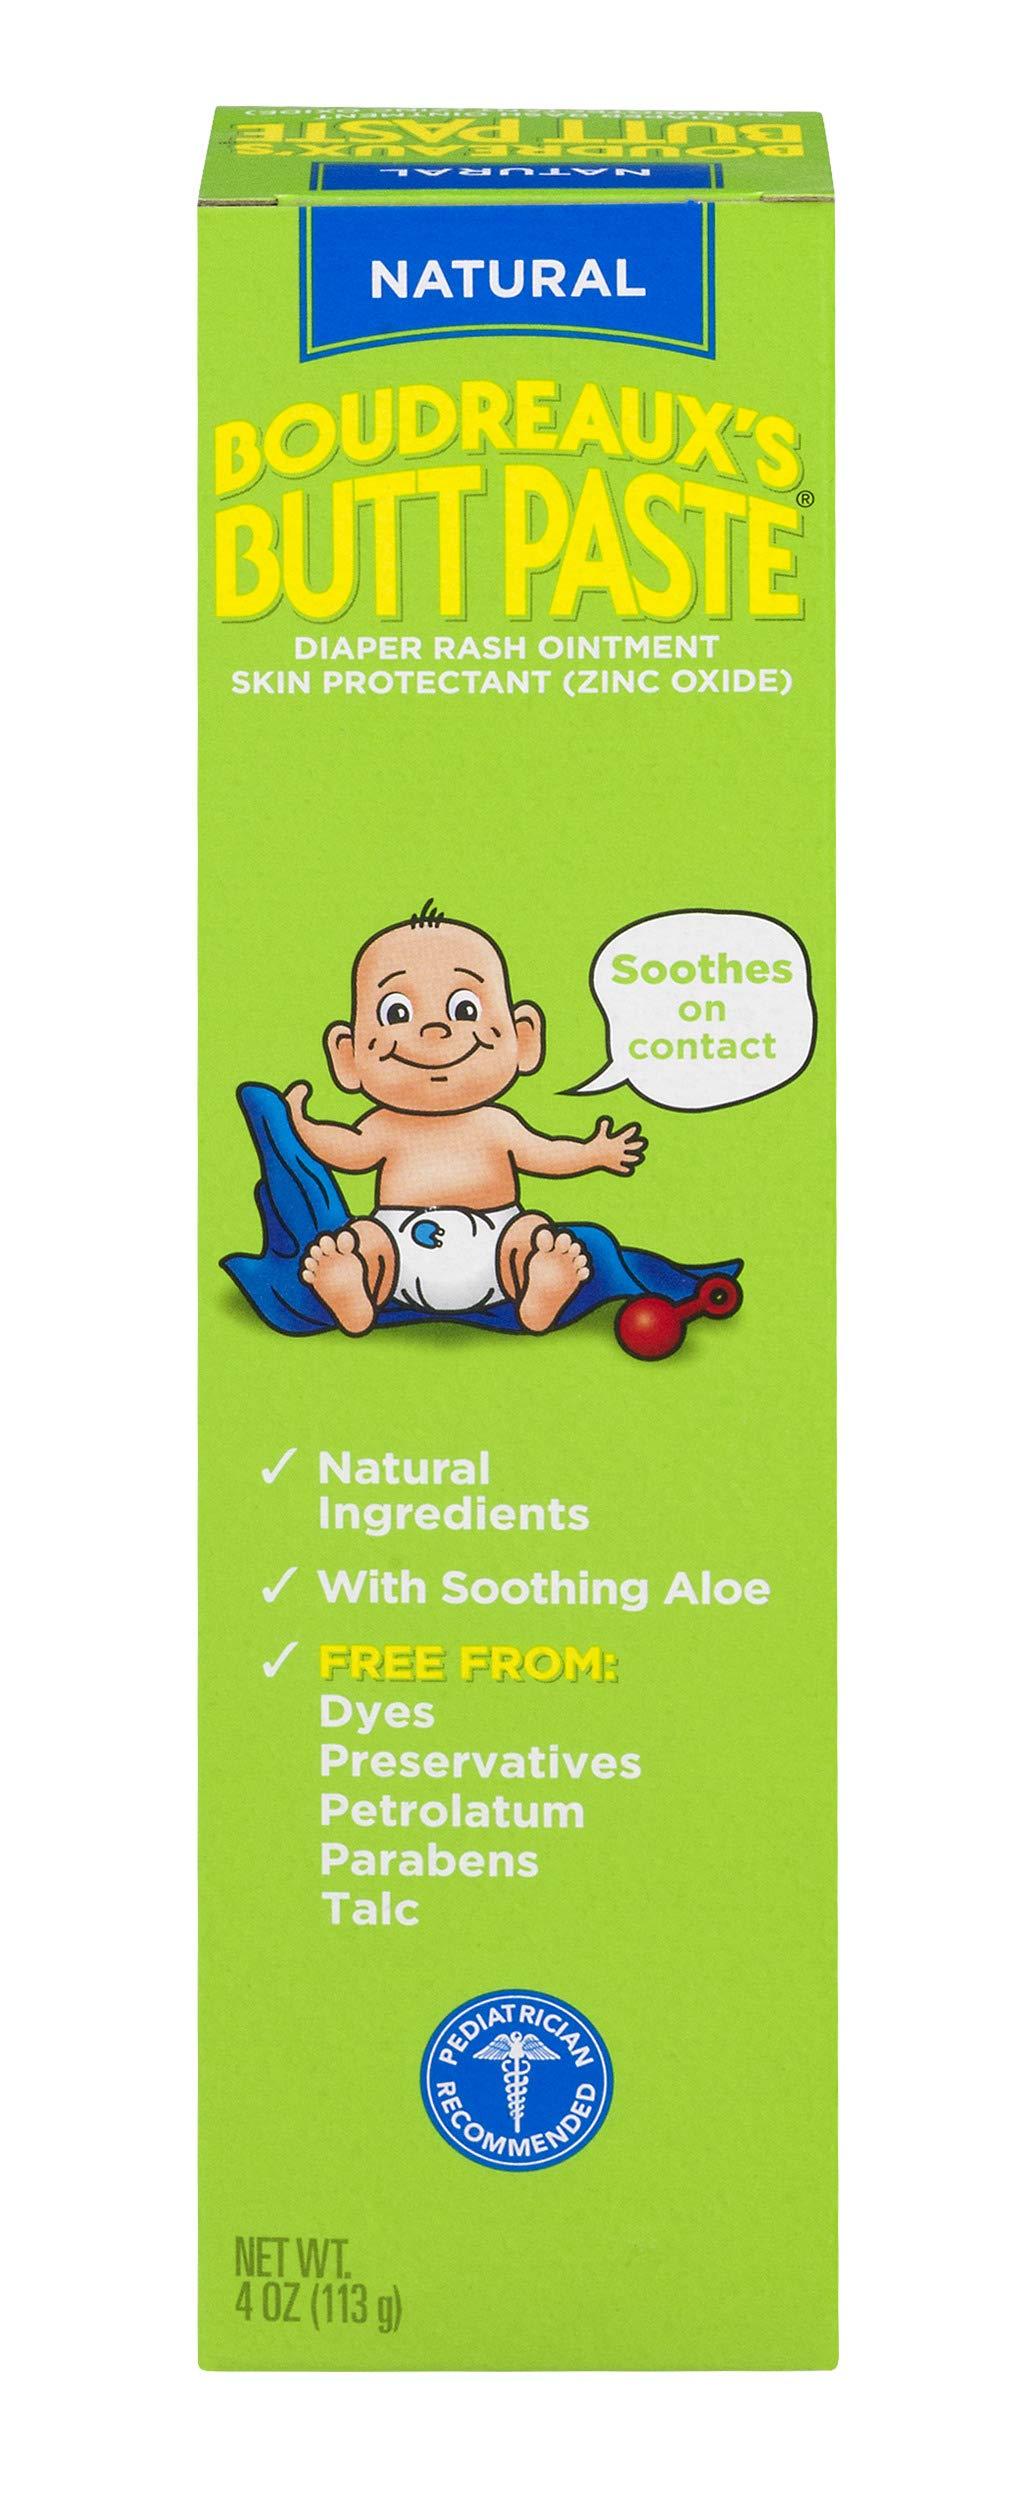 Boudreaux's Butt Paste Diaper Rash Ointment | With Natural Aloe | 4 Oz